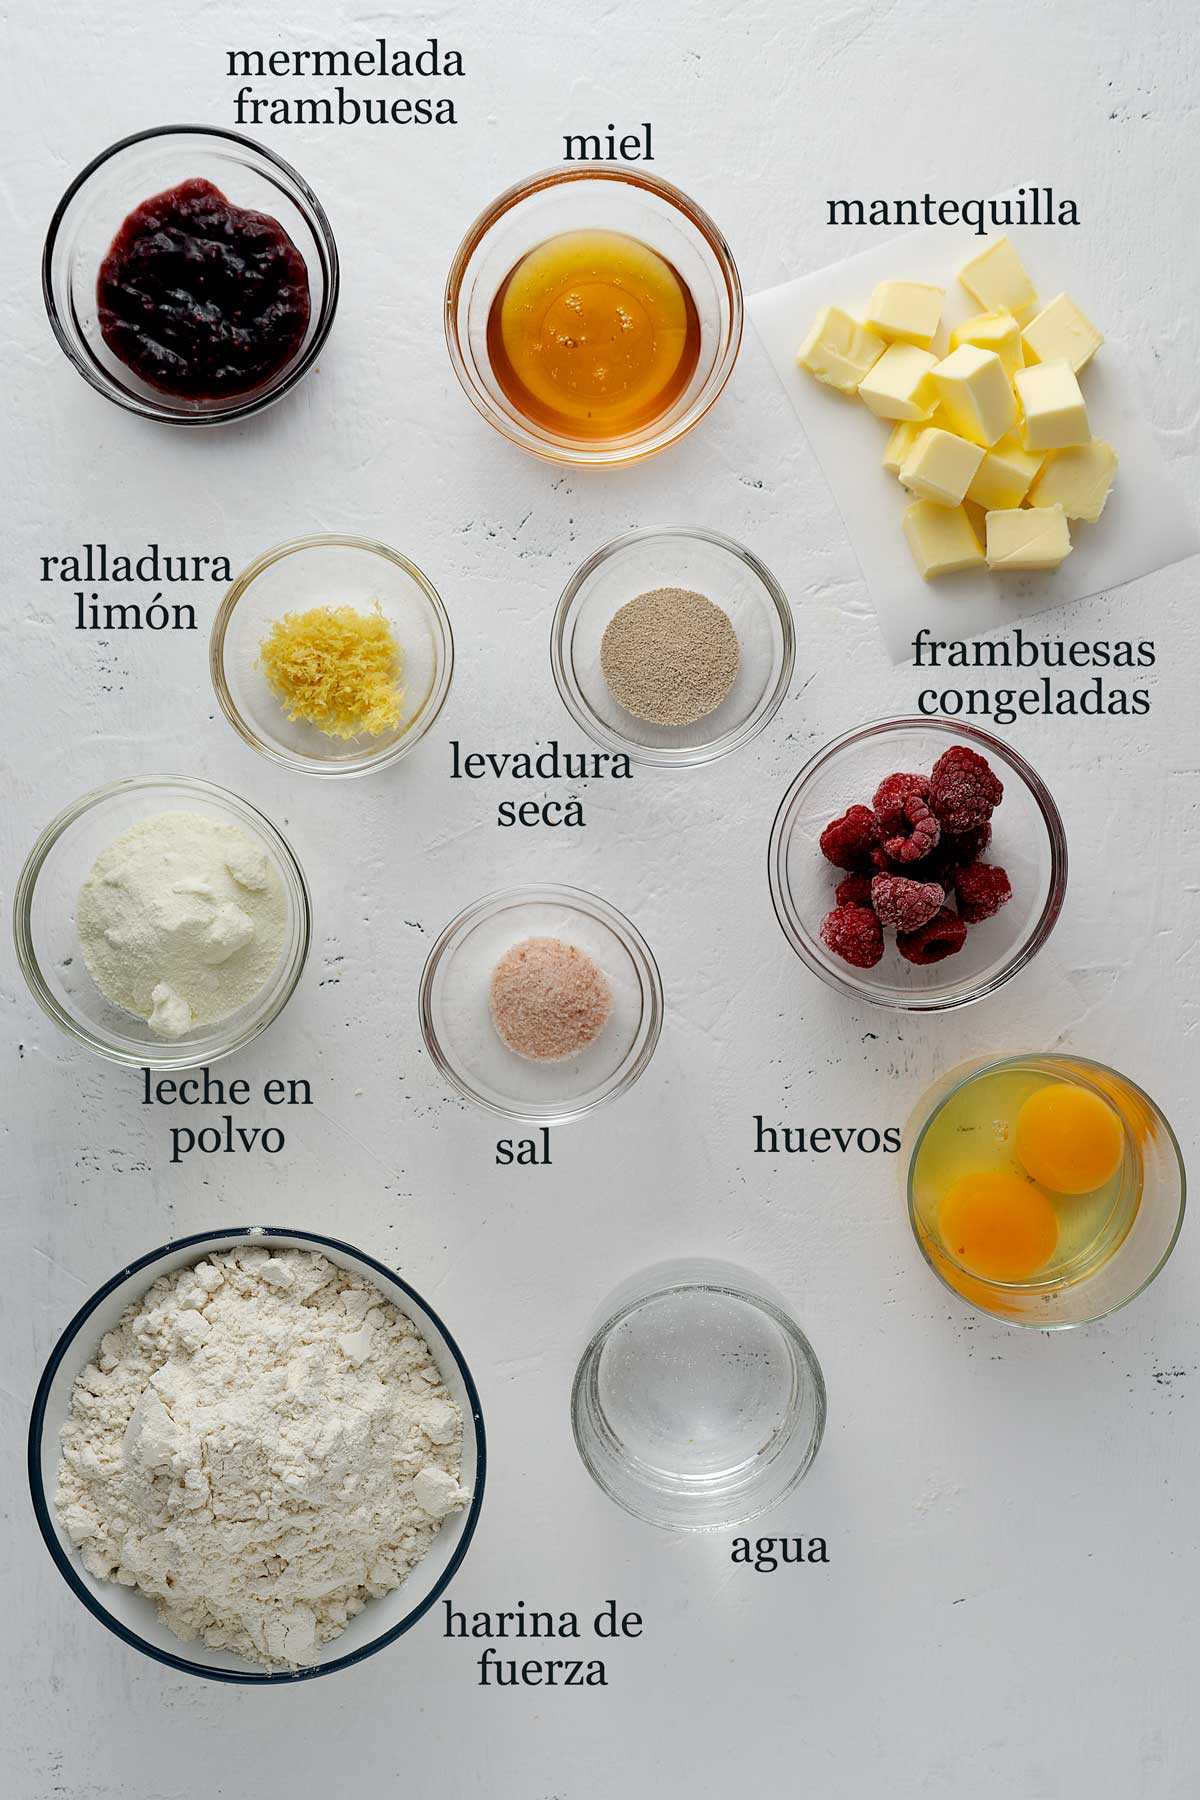 Ingredientes para bollos de frambuesa.